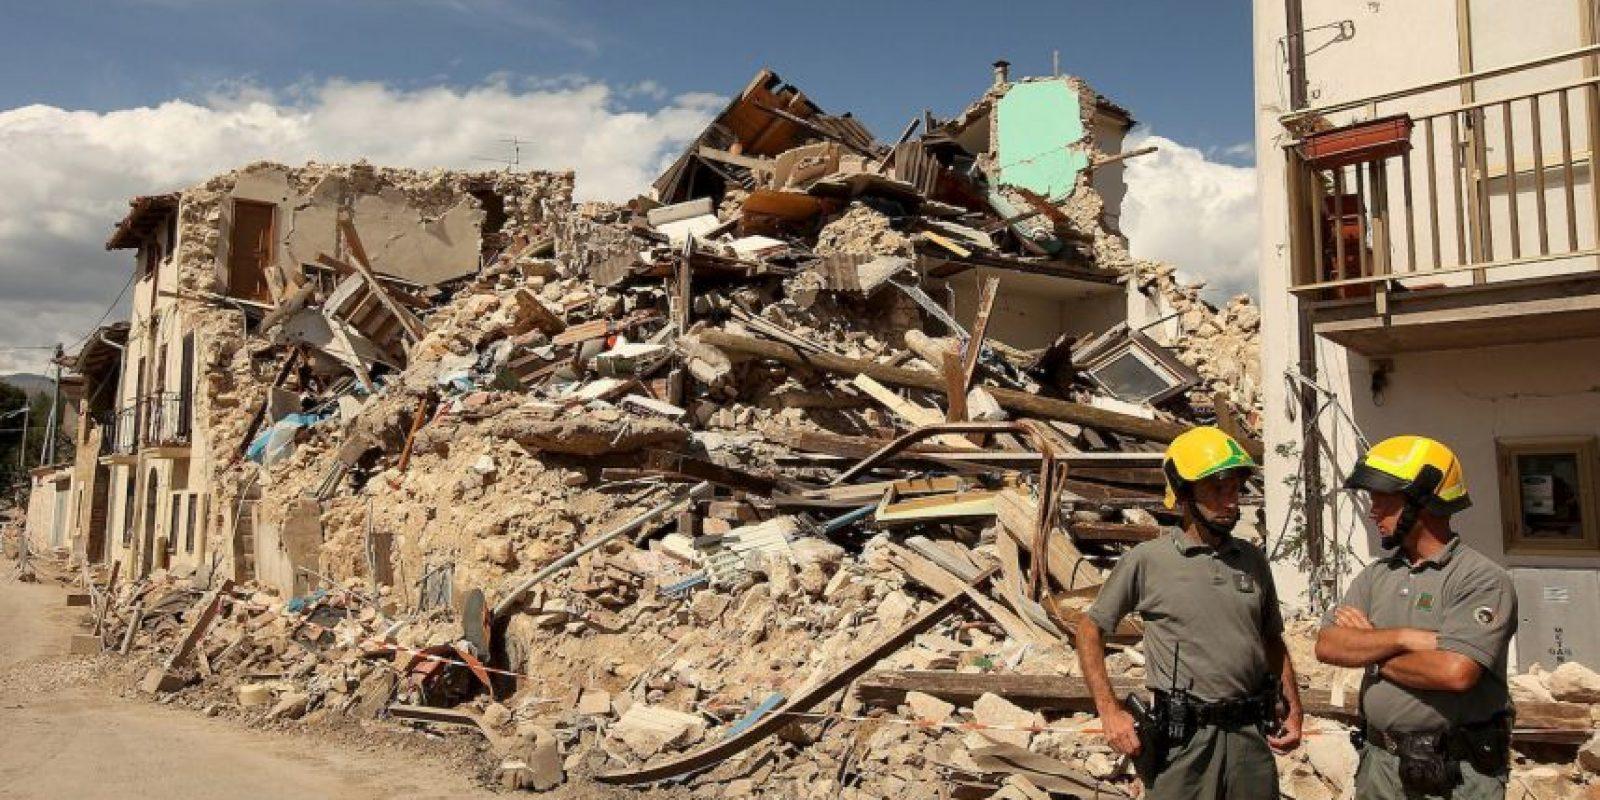 Réplicas de hasta cinco grados se sintieron en los días posteriores al sismo. Foto:Getty